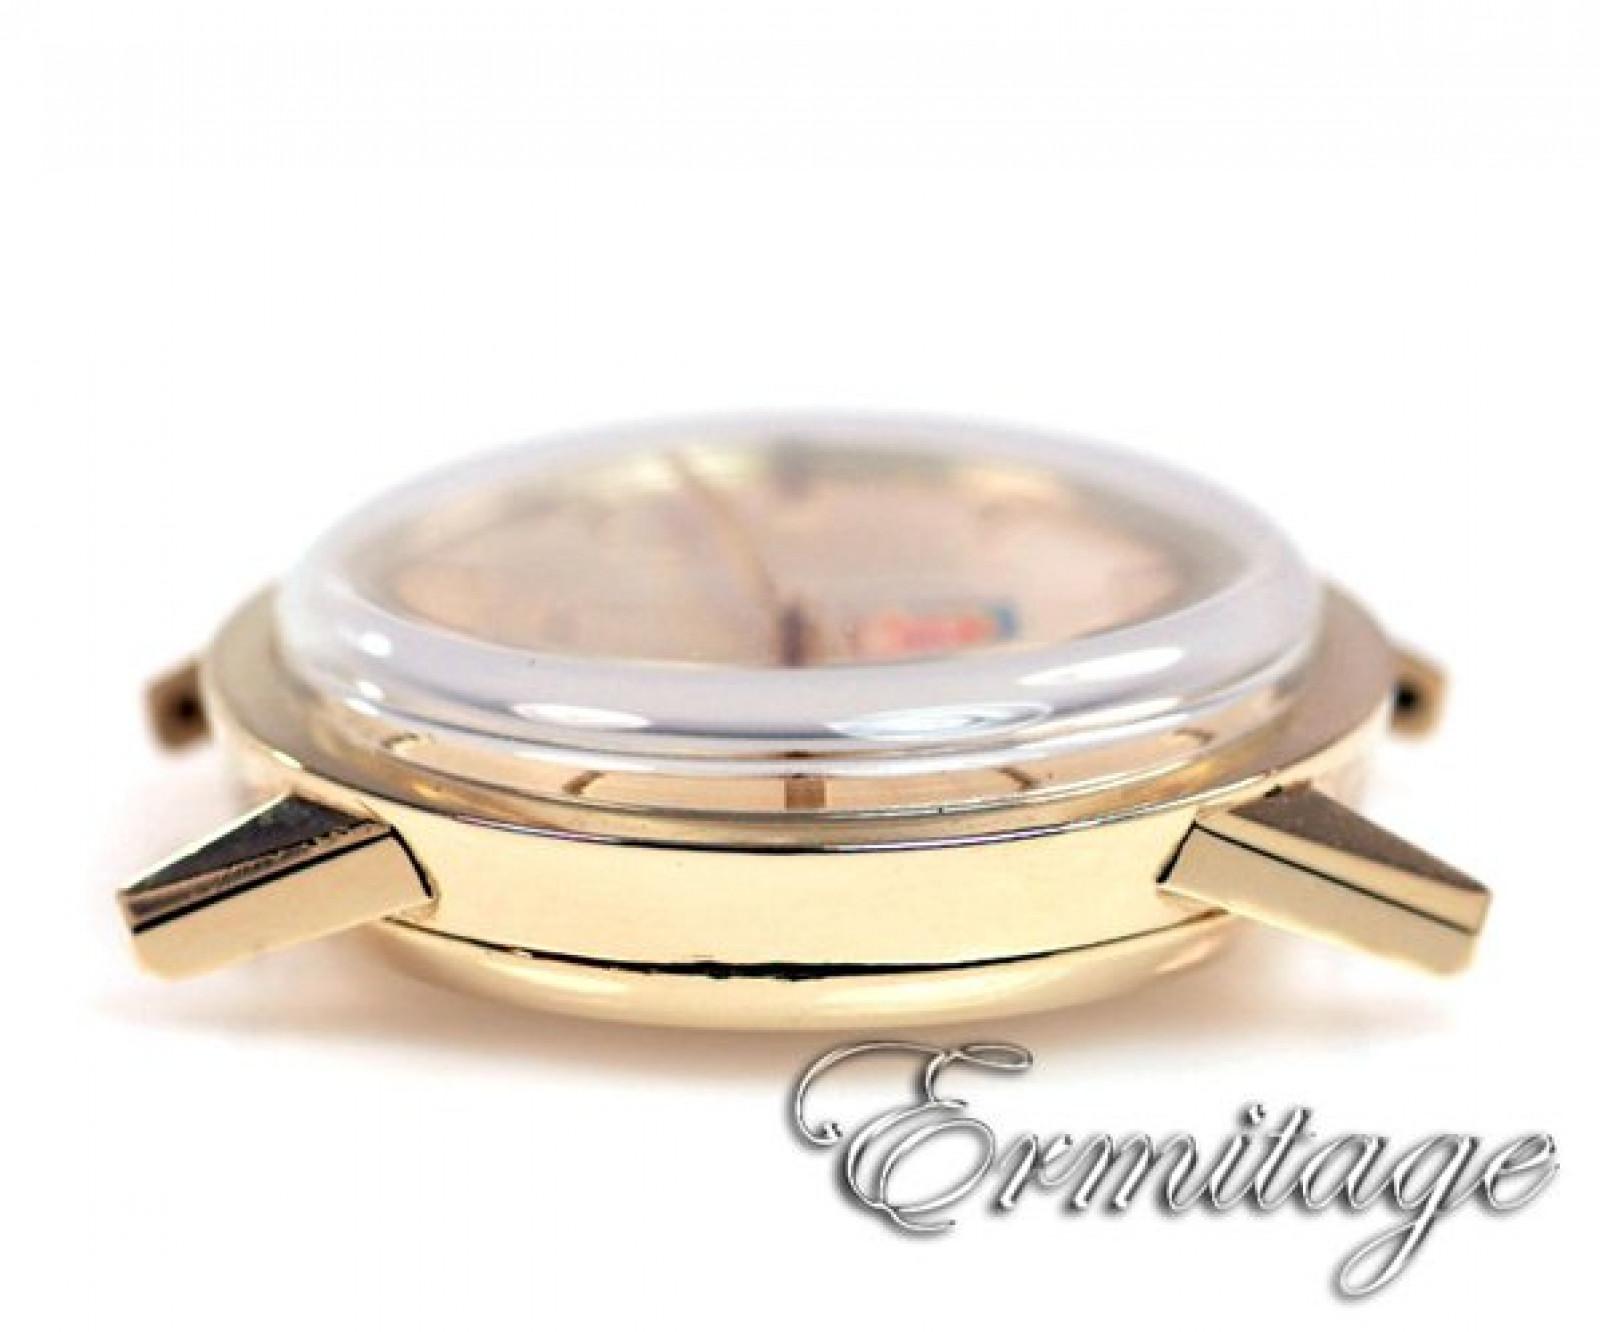 Vintage Rolex Date 1520